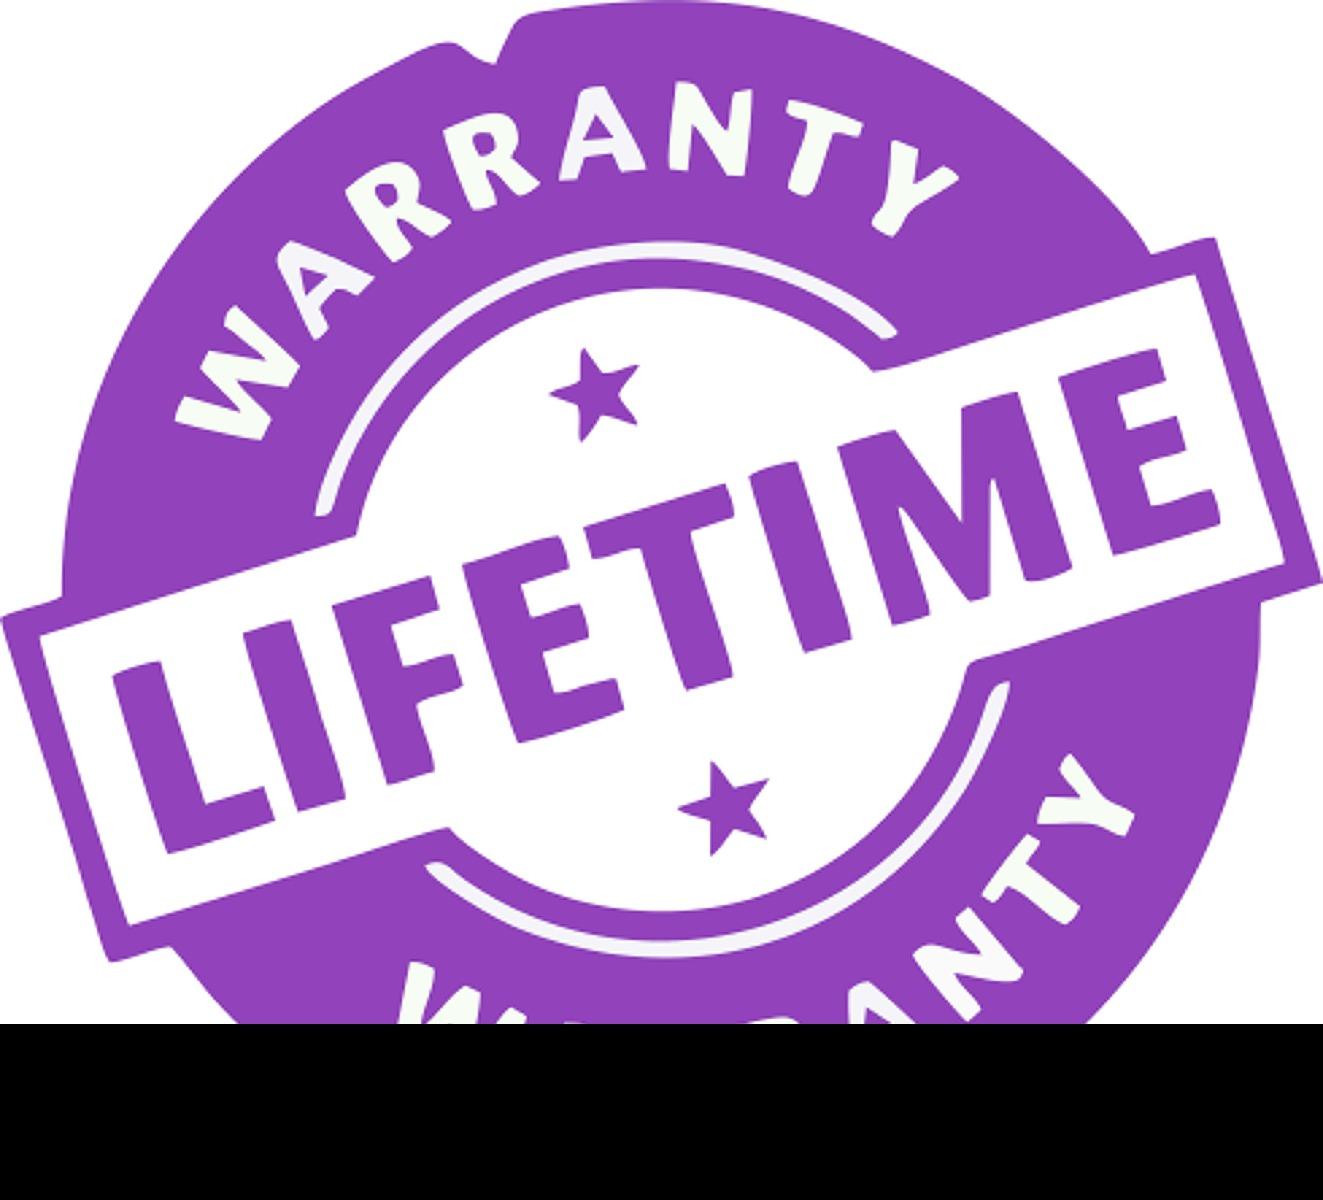 Manufacturer's Lifetime